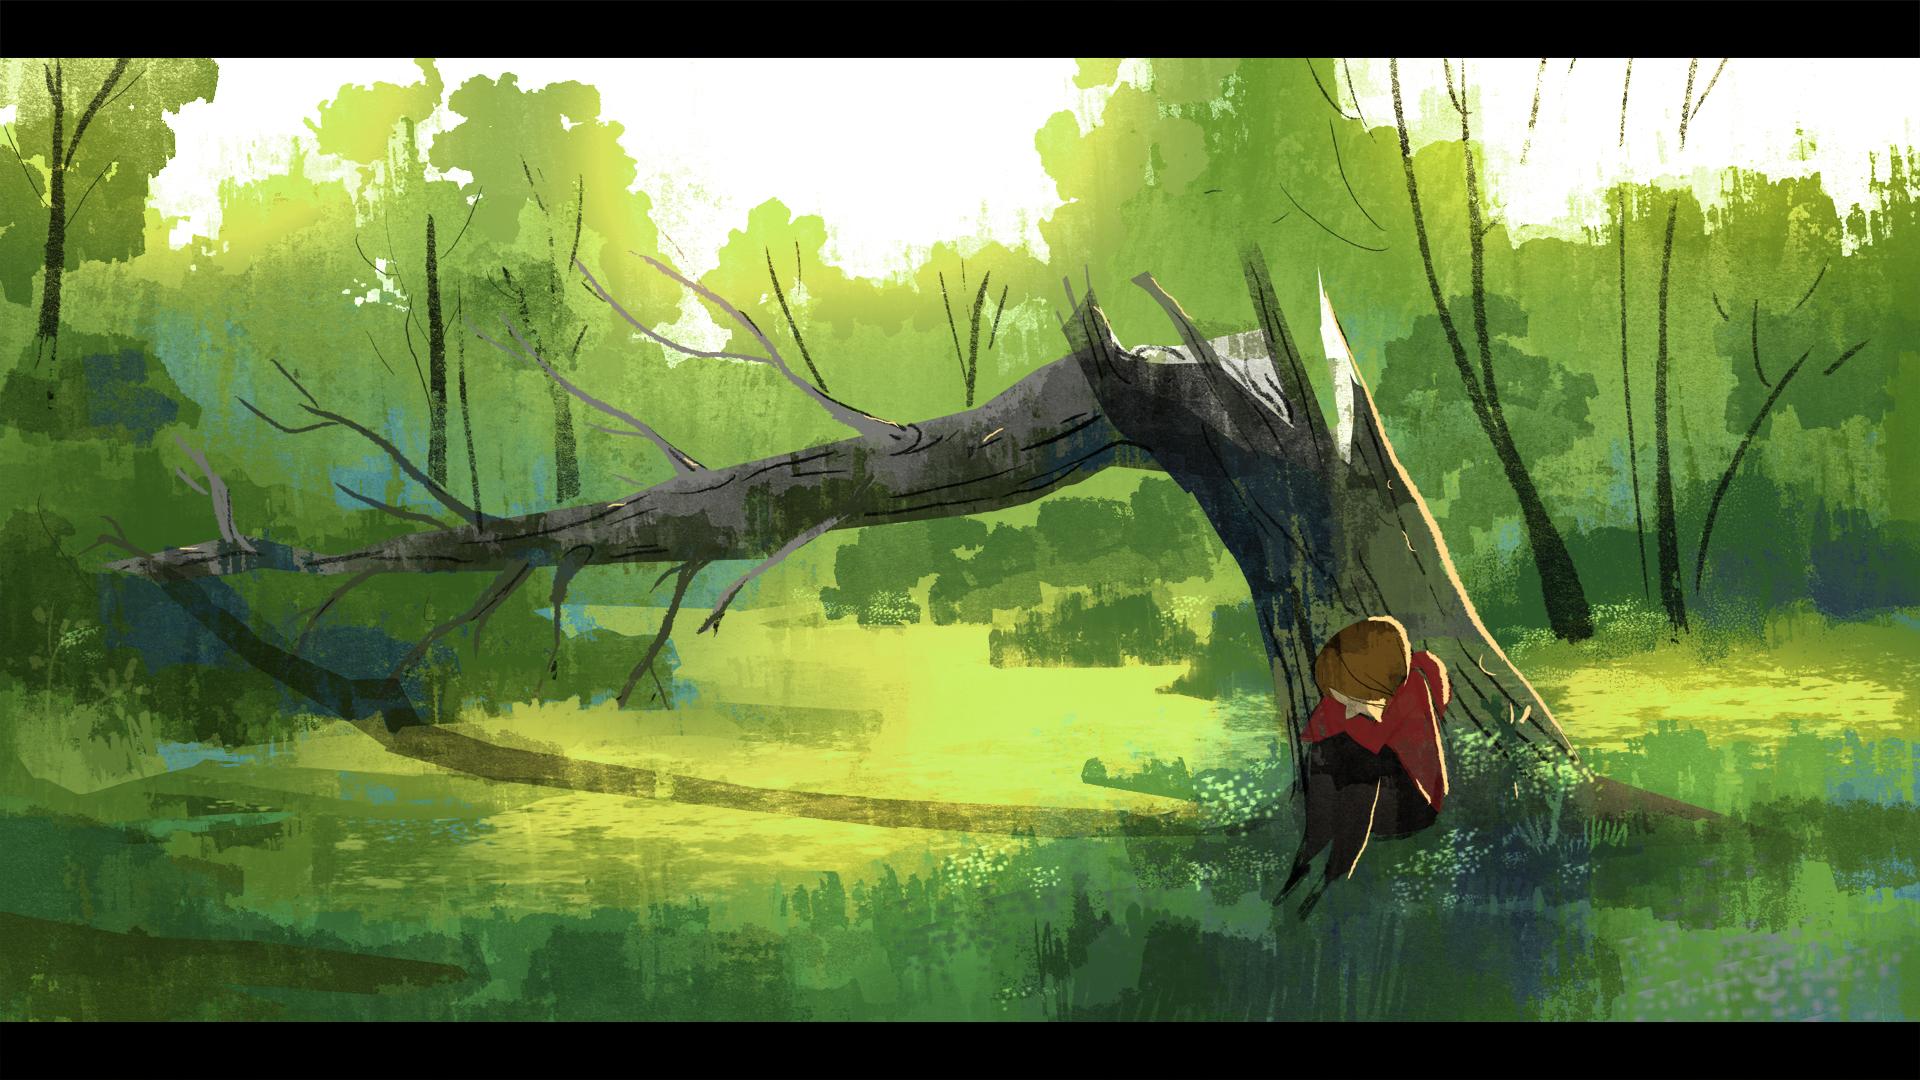 108_fallen tree